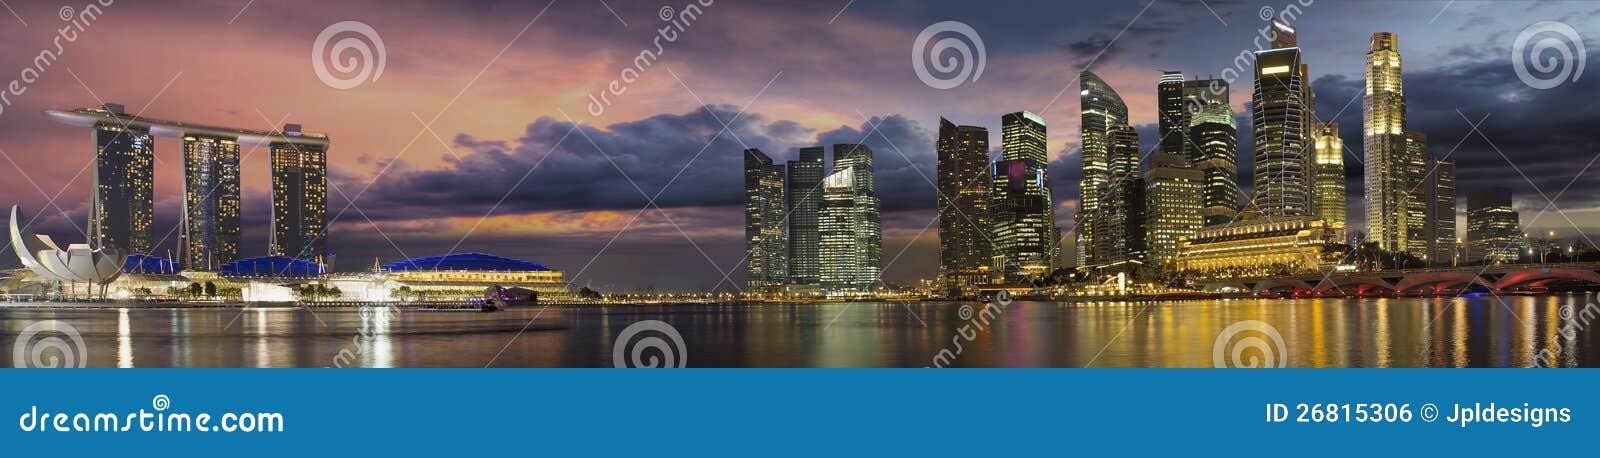 Skyline da cidade de Singapore no panorama do por do sol